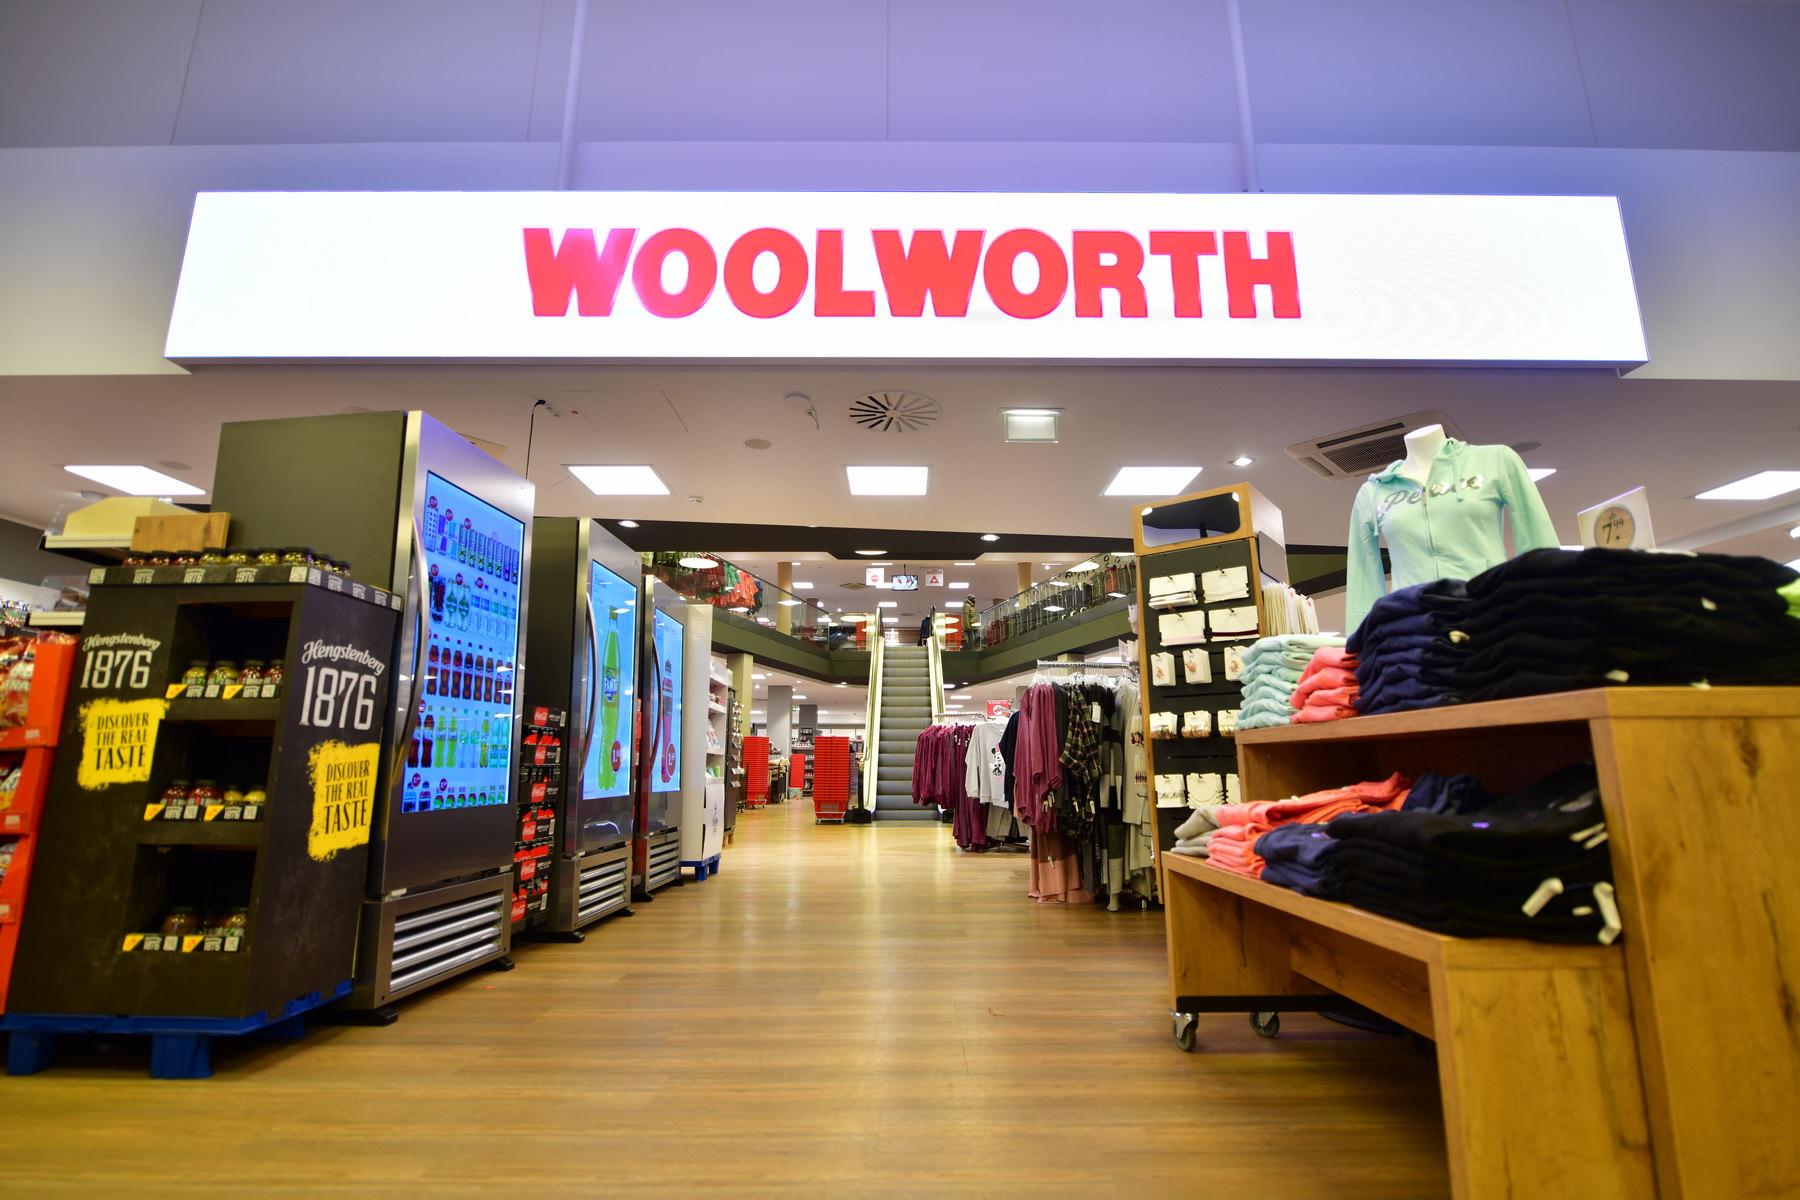 Woolworth Berlin Offnungszeiten Aktuelles